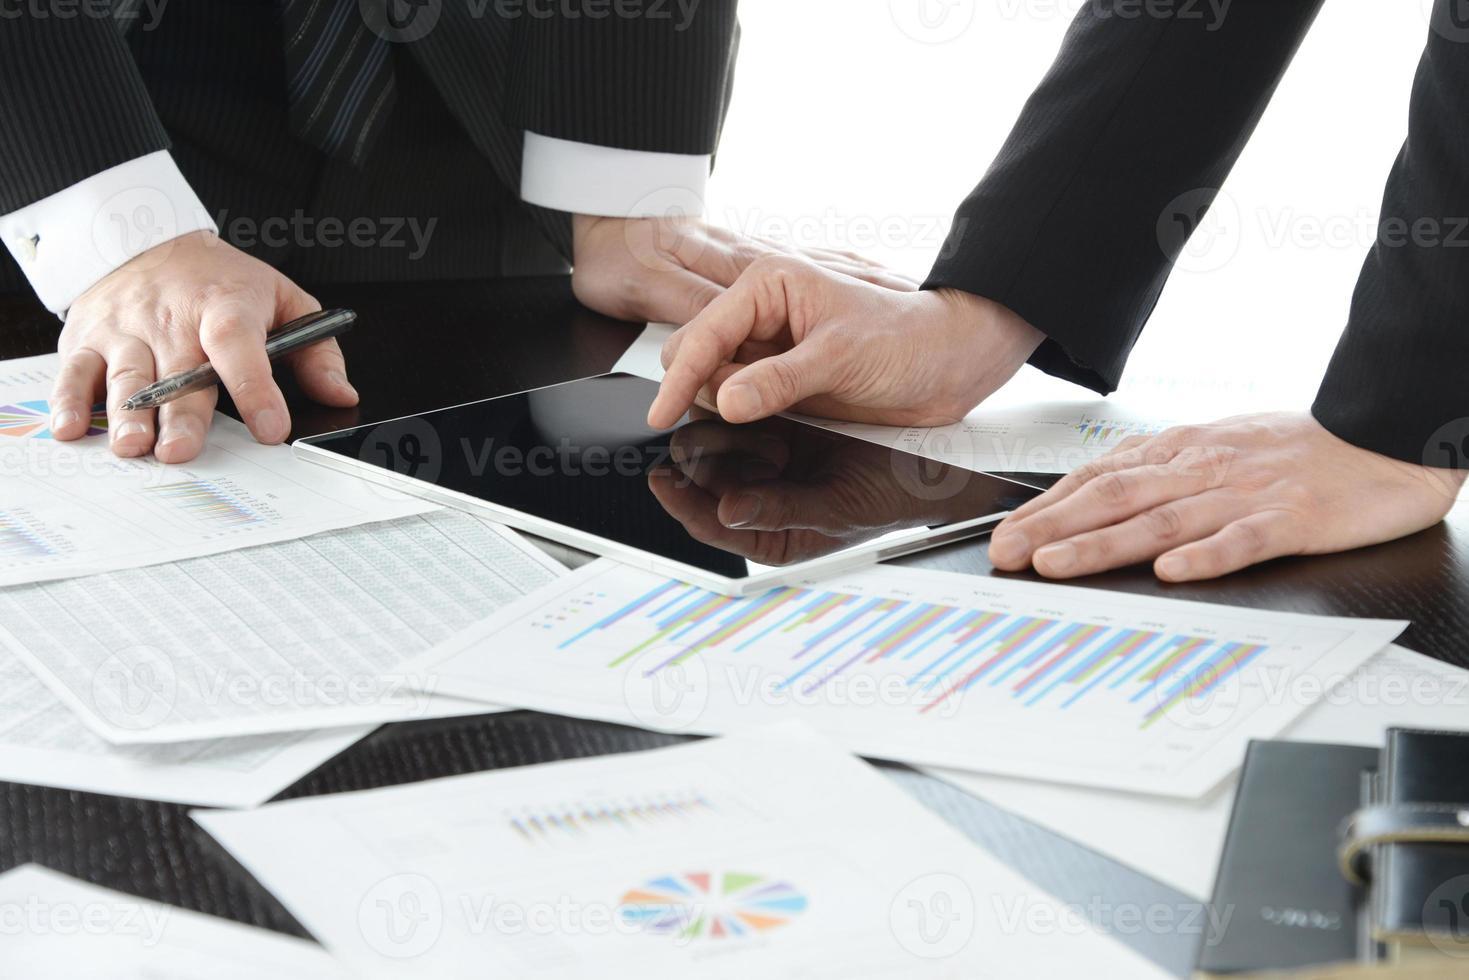 Geschäftstreffen mit digitalen Tablets und Papieren foto